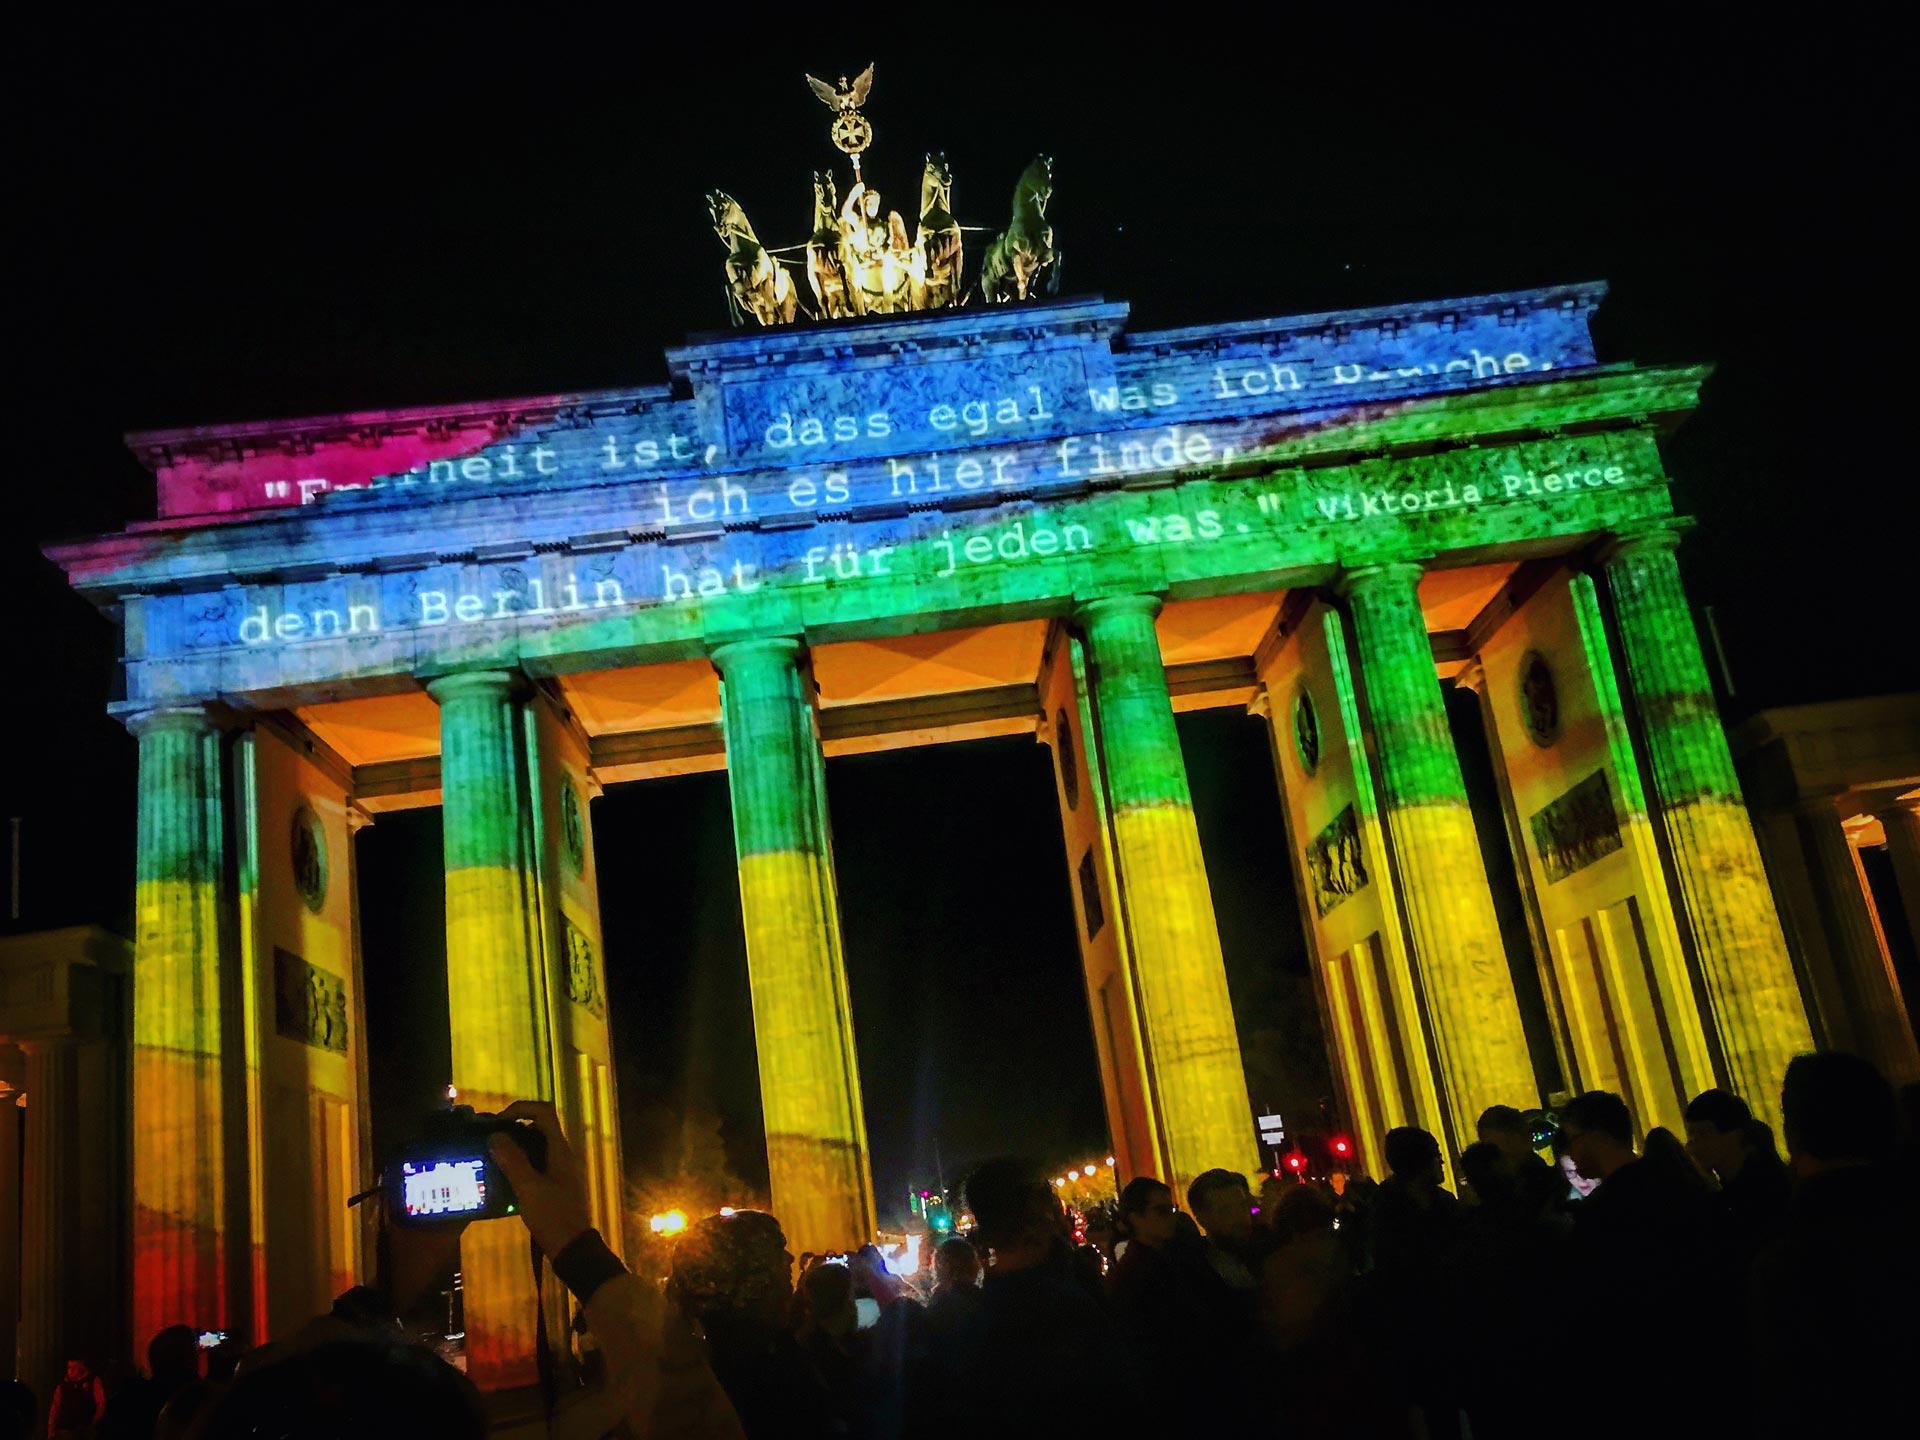 Festival of Lights 2017: Freiheit für jeden